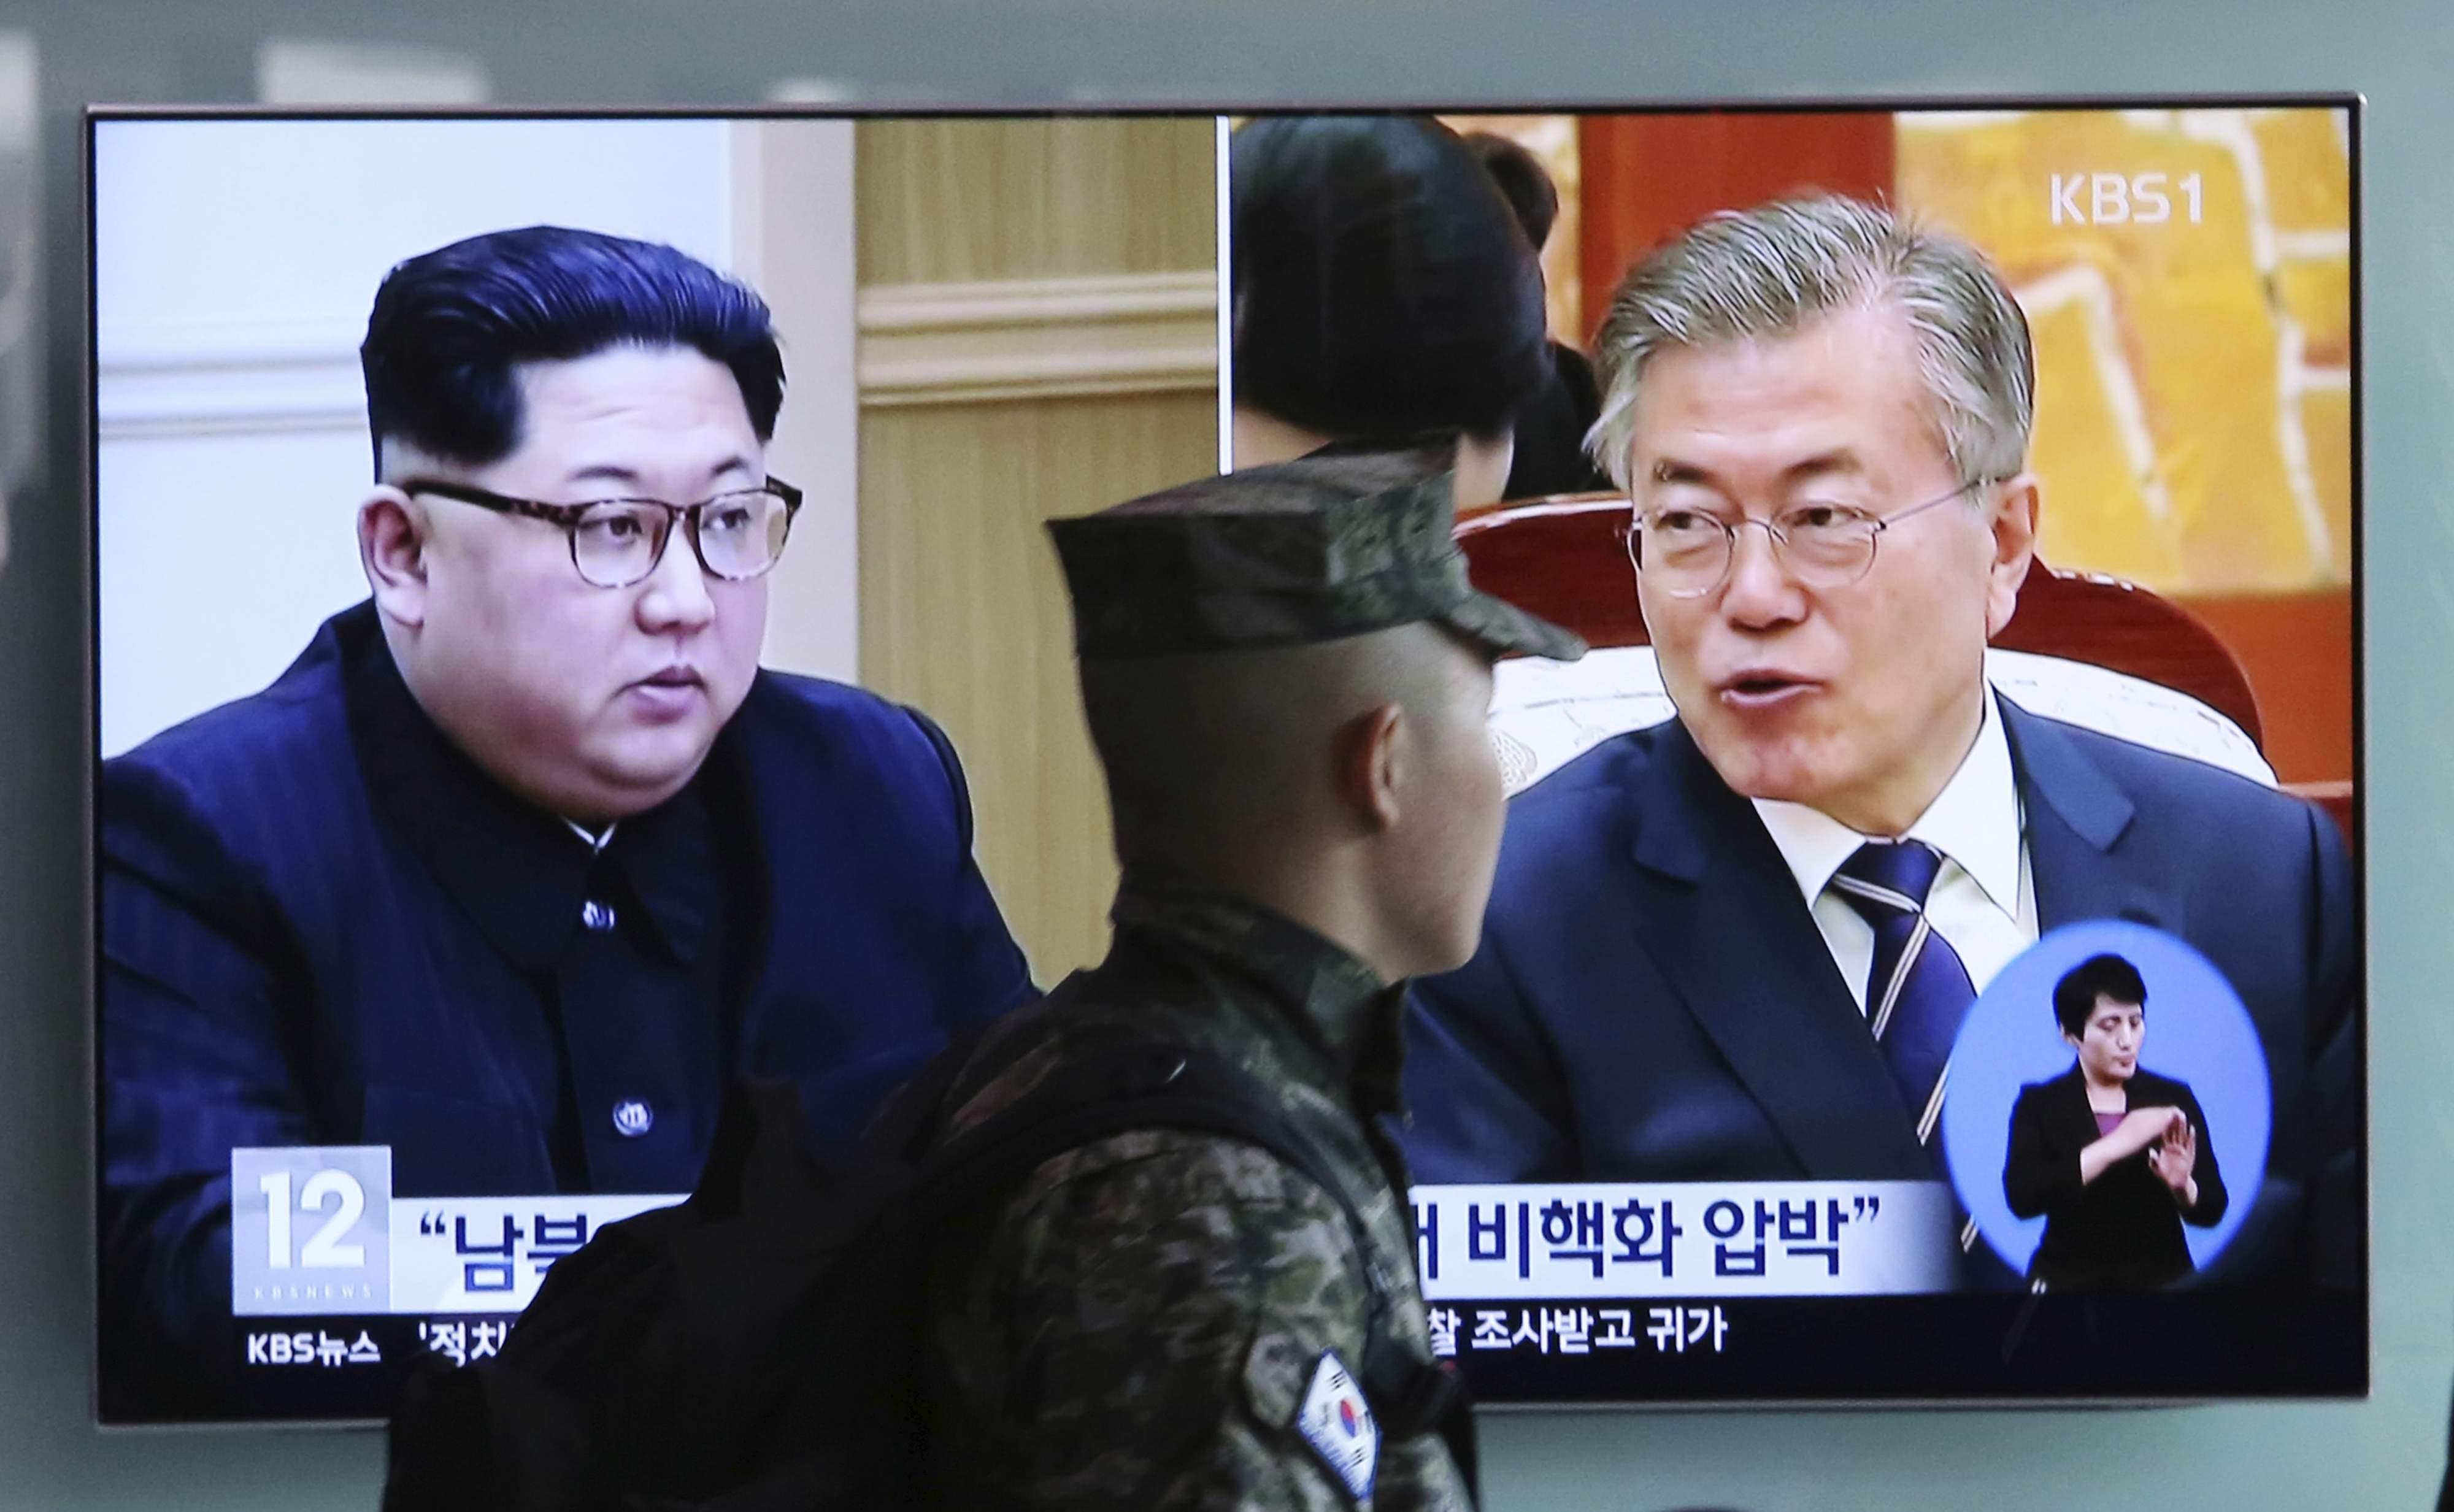 La Corea del Nord sembra accordare importanza alla visita dei rappresentanti del Sud